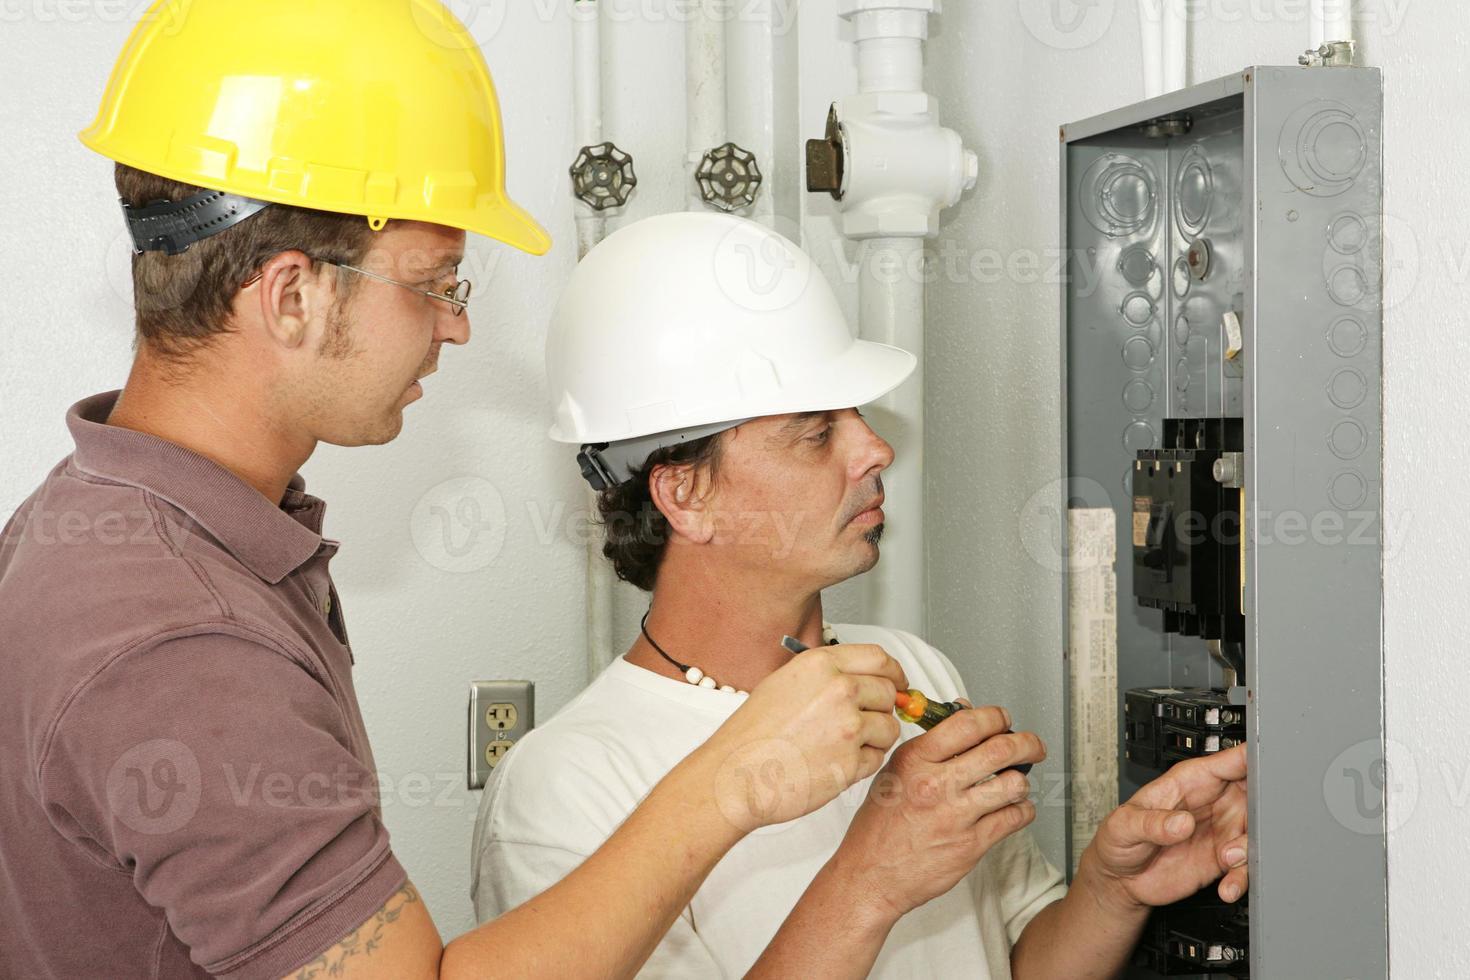 elektriker kabelnät foto